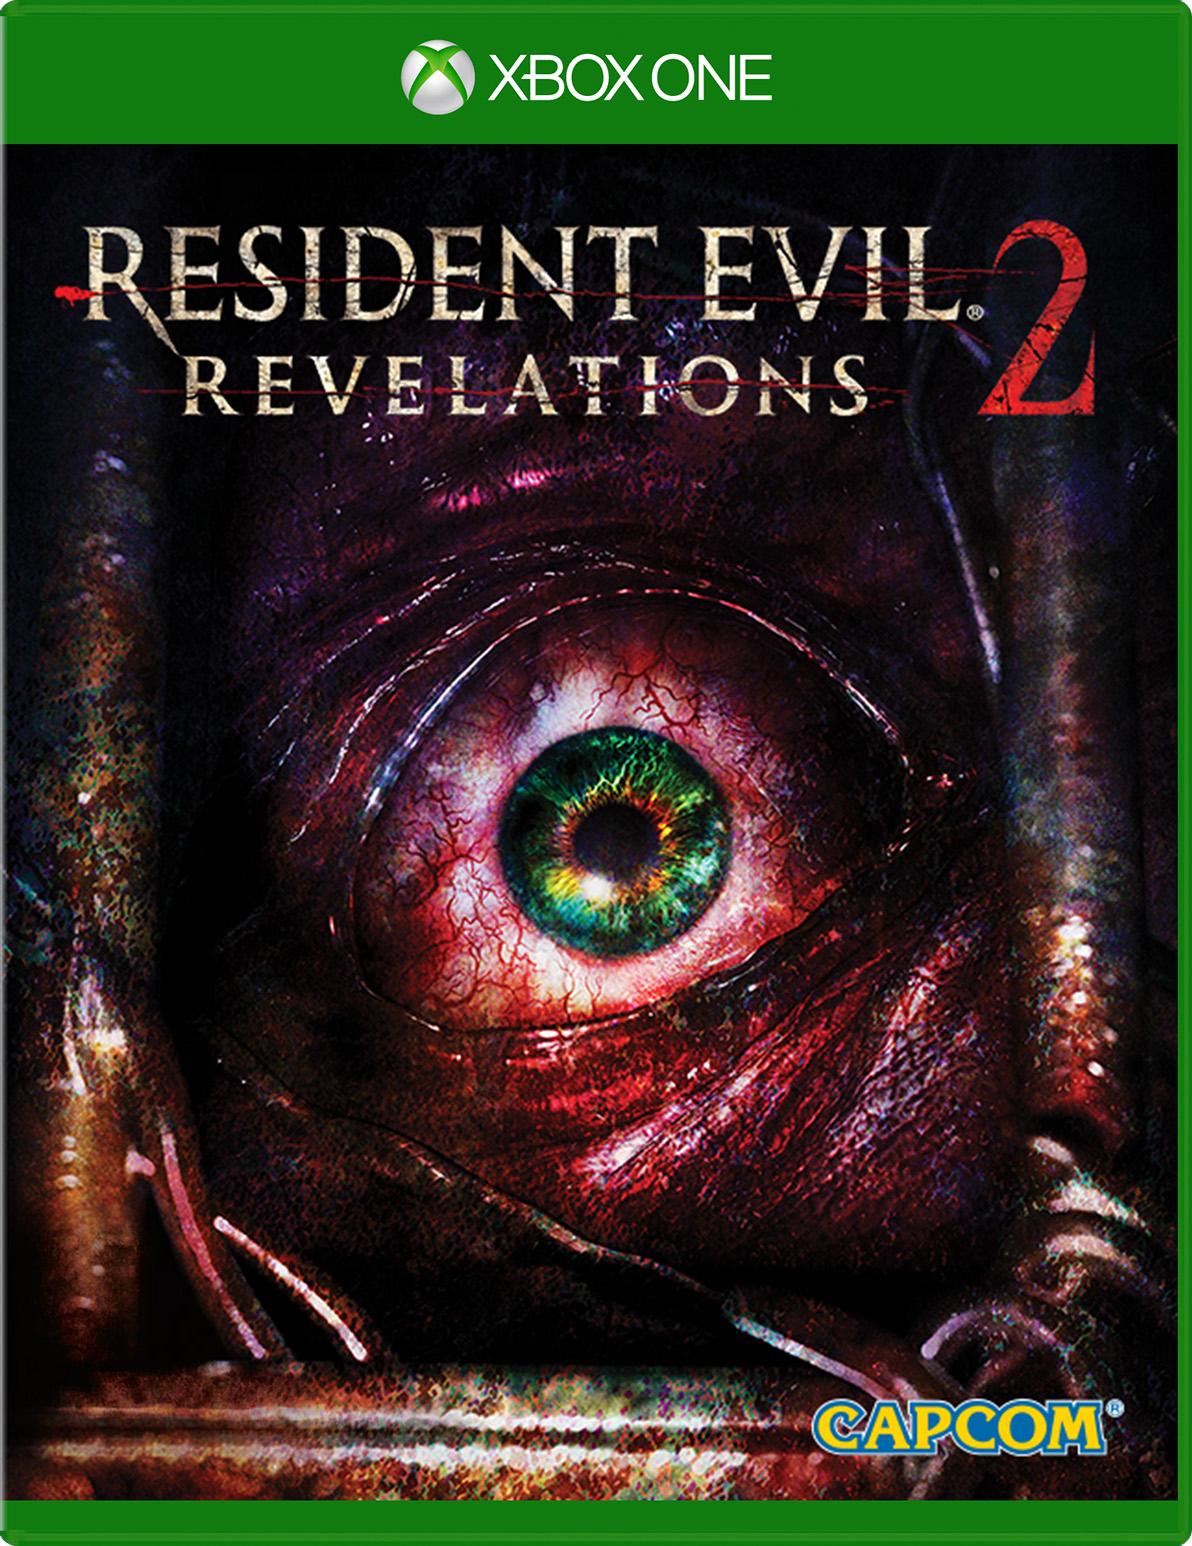 Resident Evil: Revelations 2 for Xbox One Deal